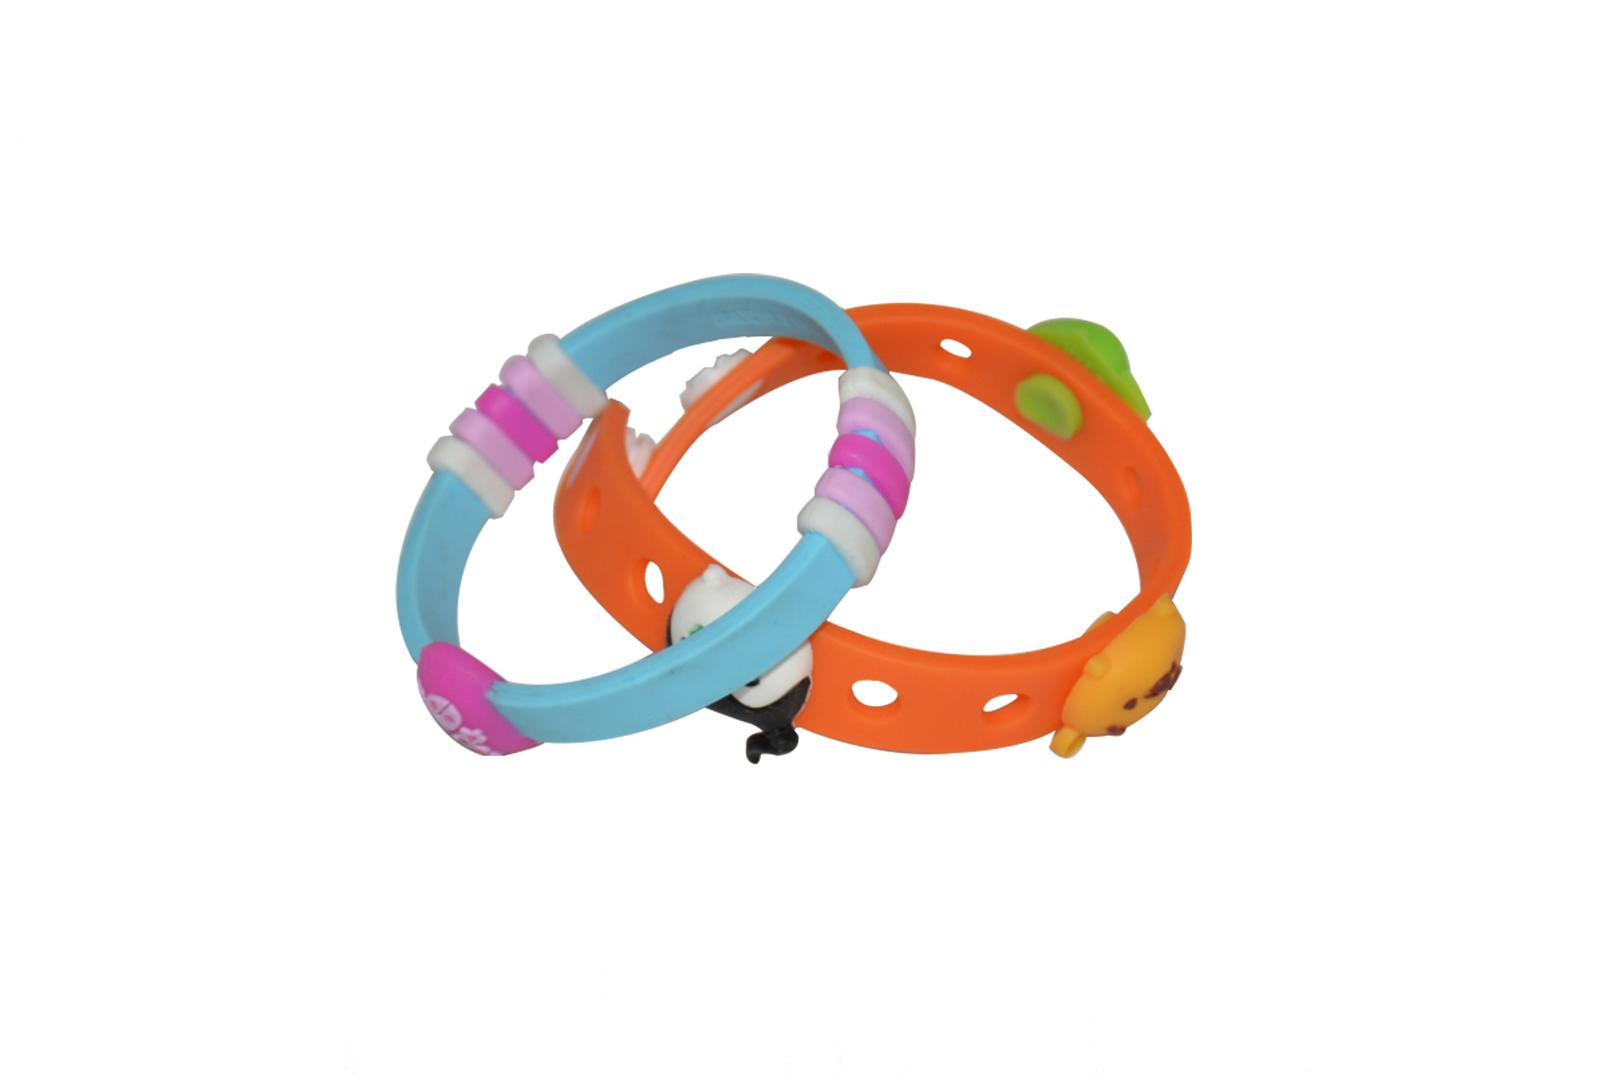 硅胶手环,硅胶手环质量有变化吗